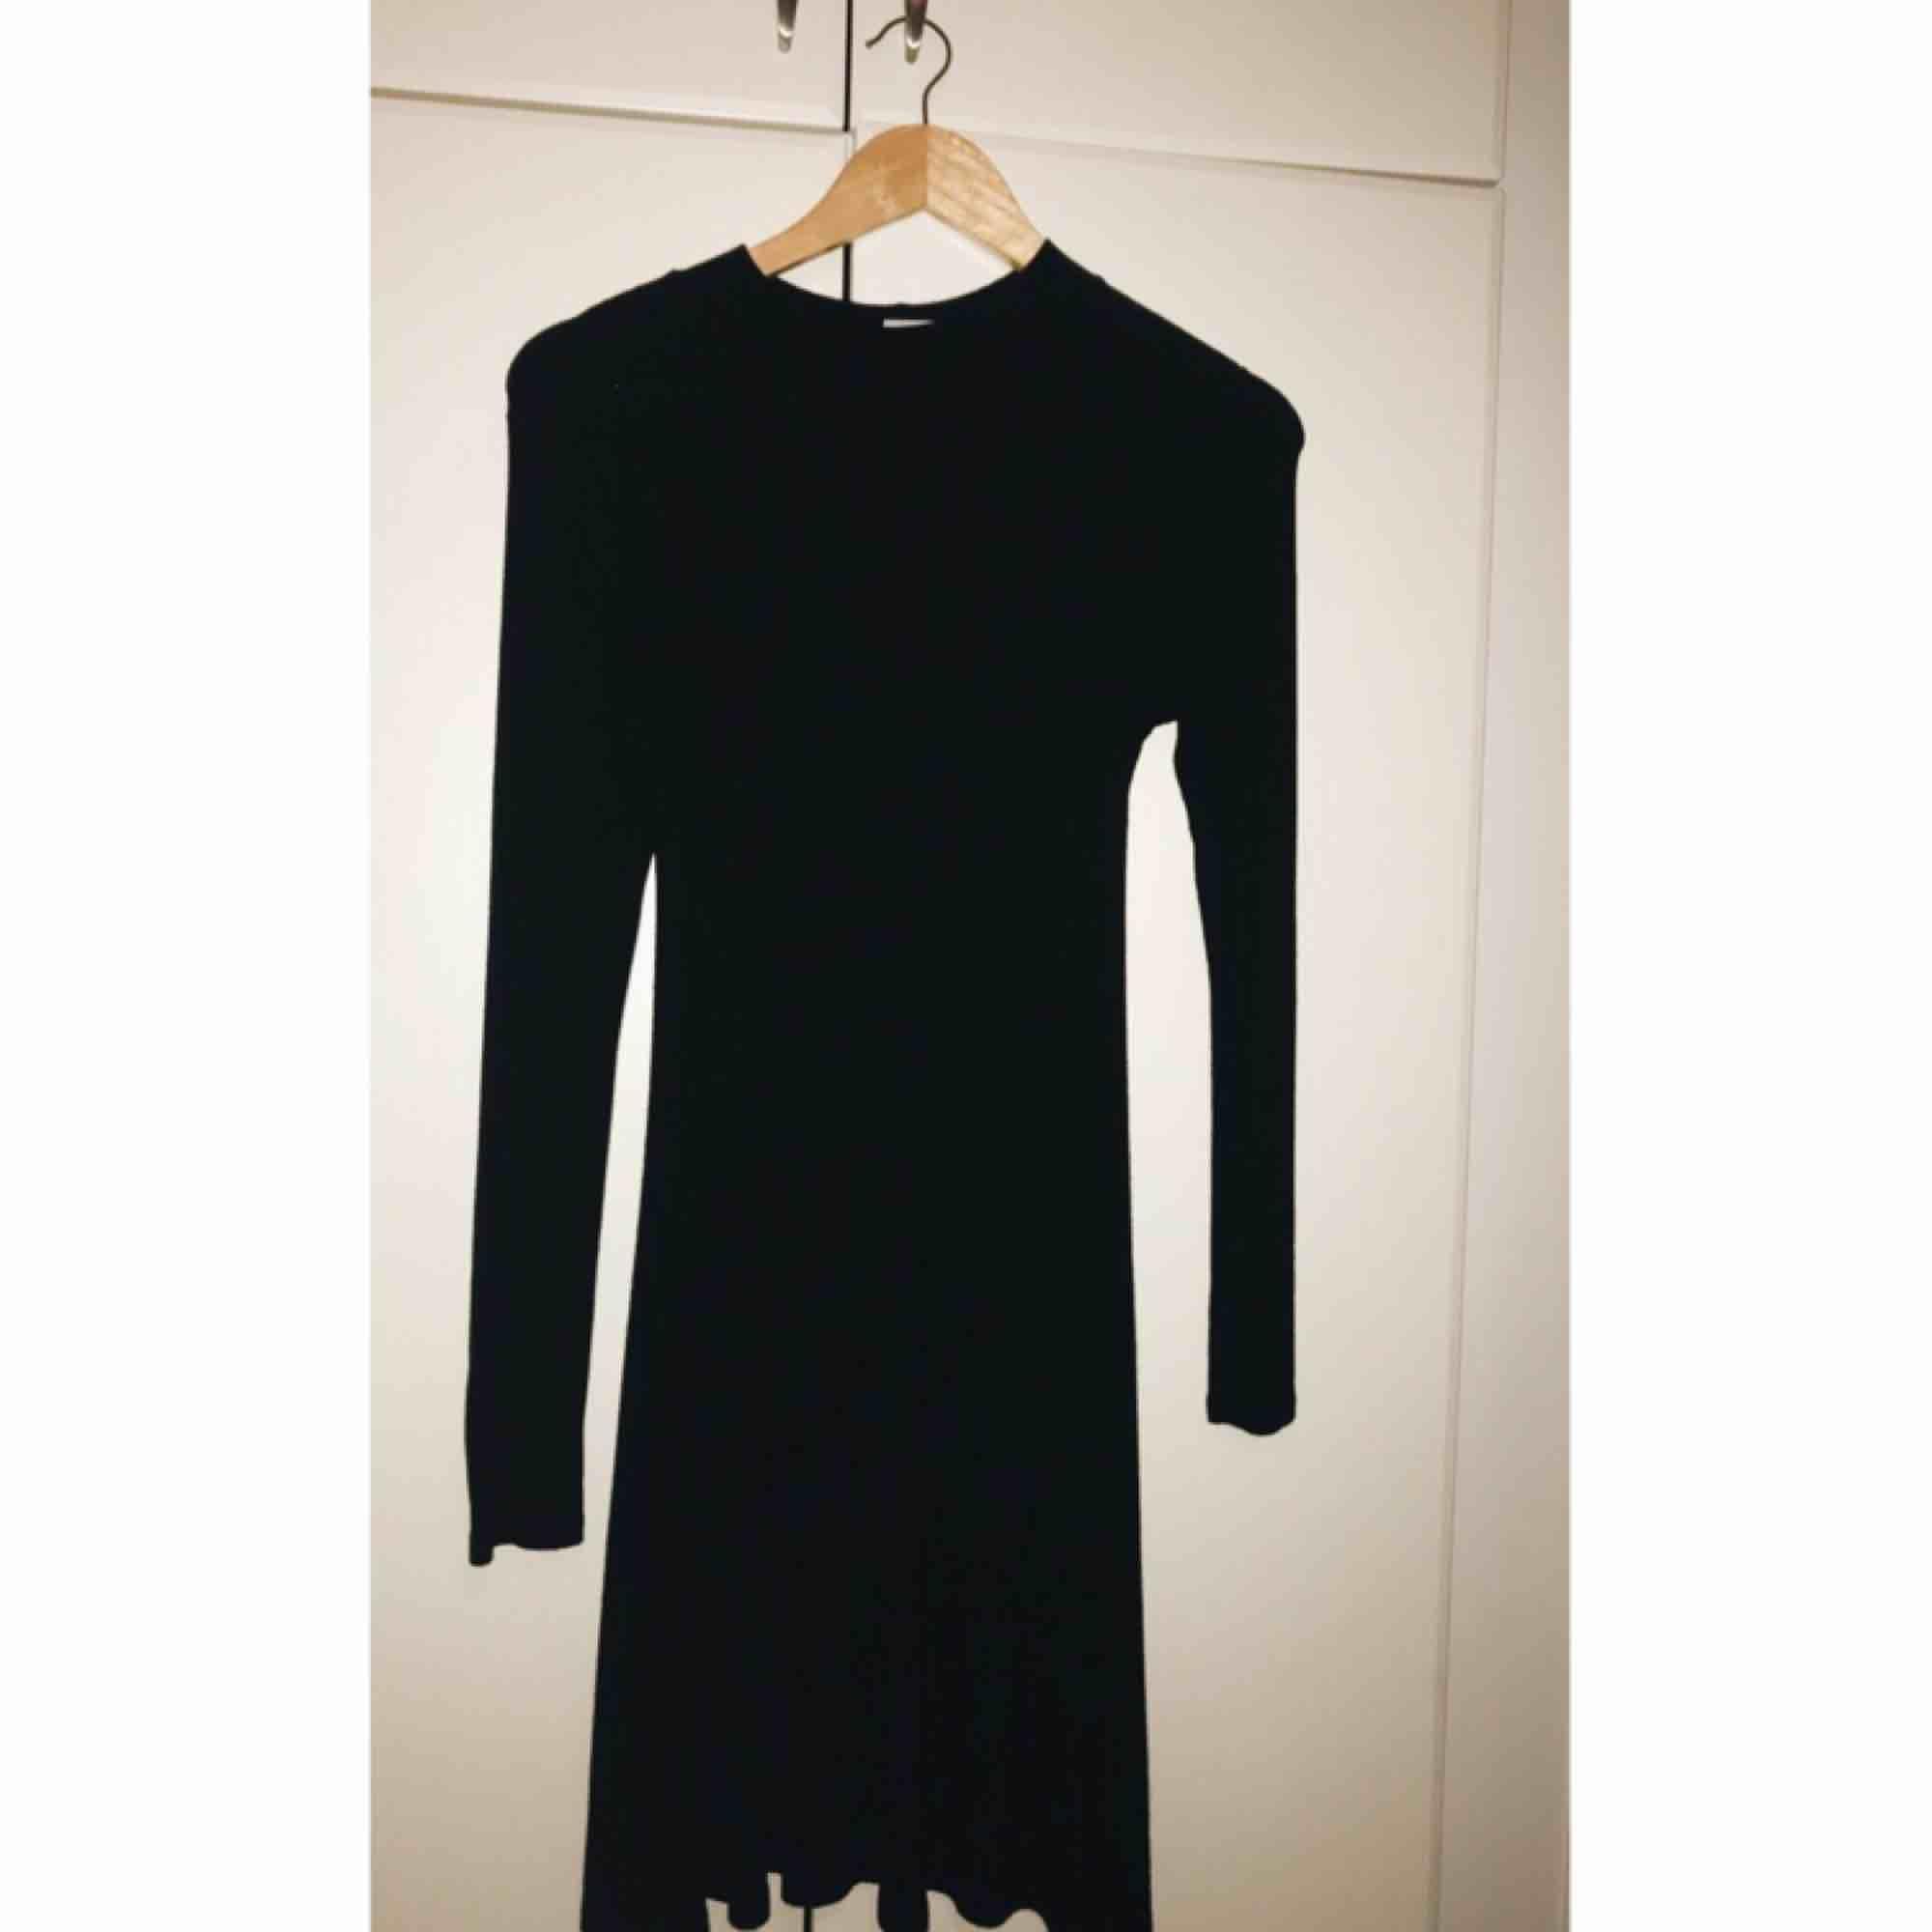 Fin klänning som man kan ha nu på vintern använd bara en gång. Storlek S  Köparen står för frakten. Använder Swish.. Klänningar.